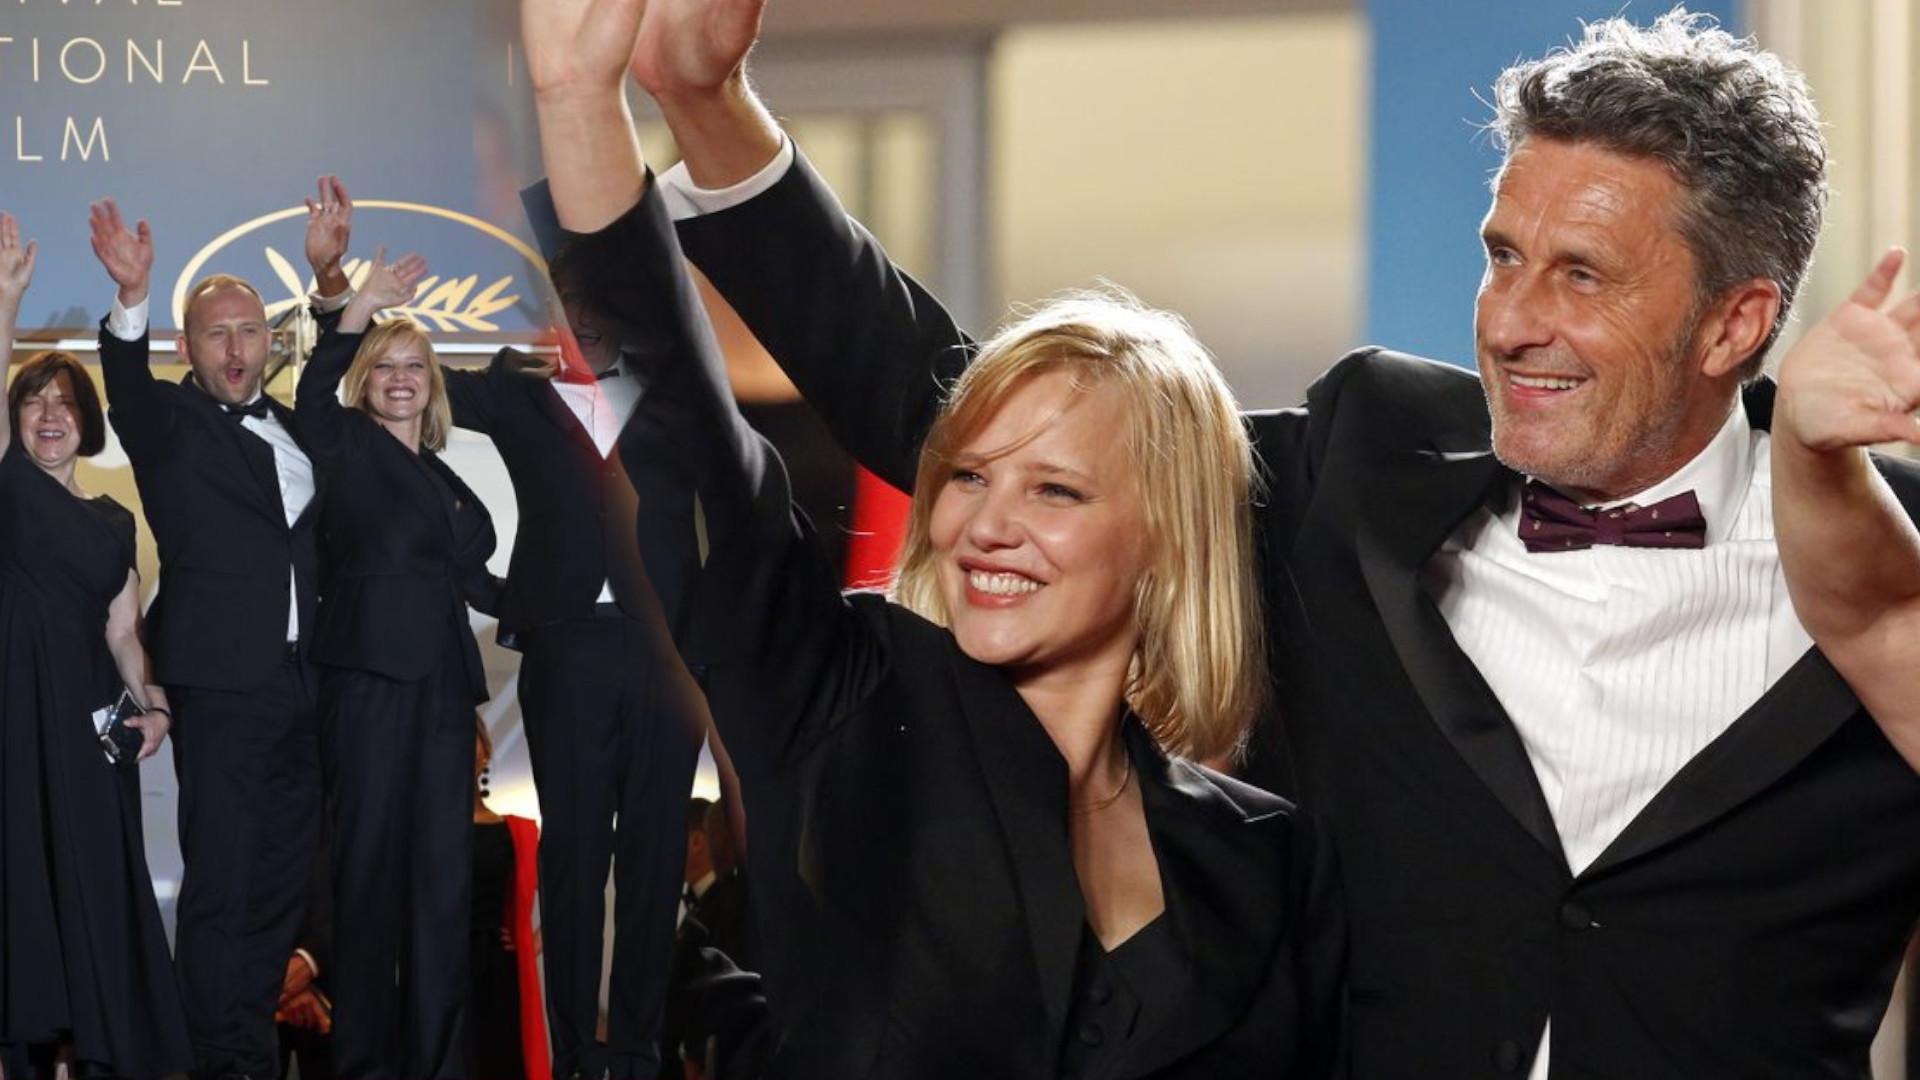 Zimna Wojna z TRZEMA nominacjami do Oscarów 2019